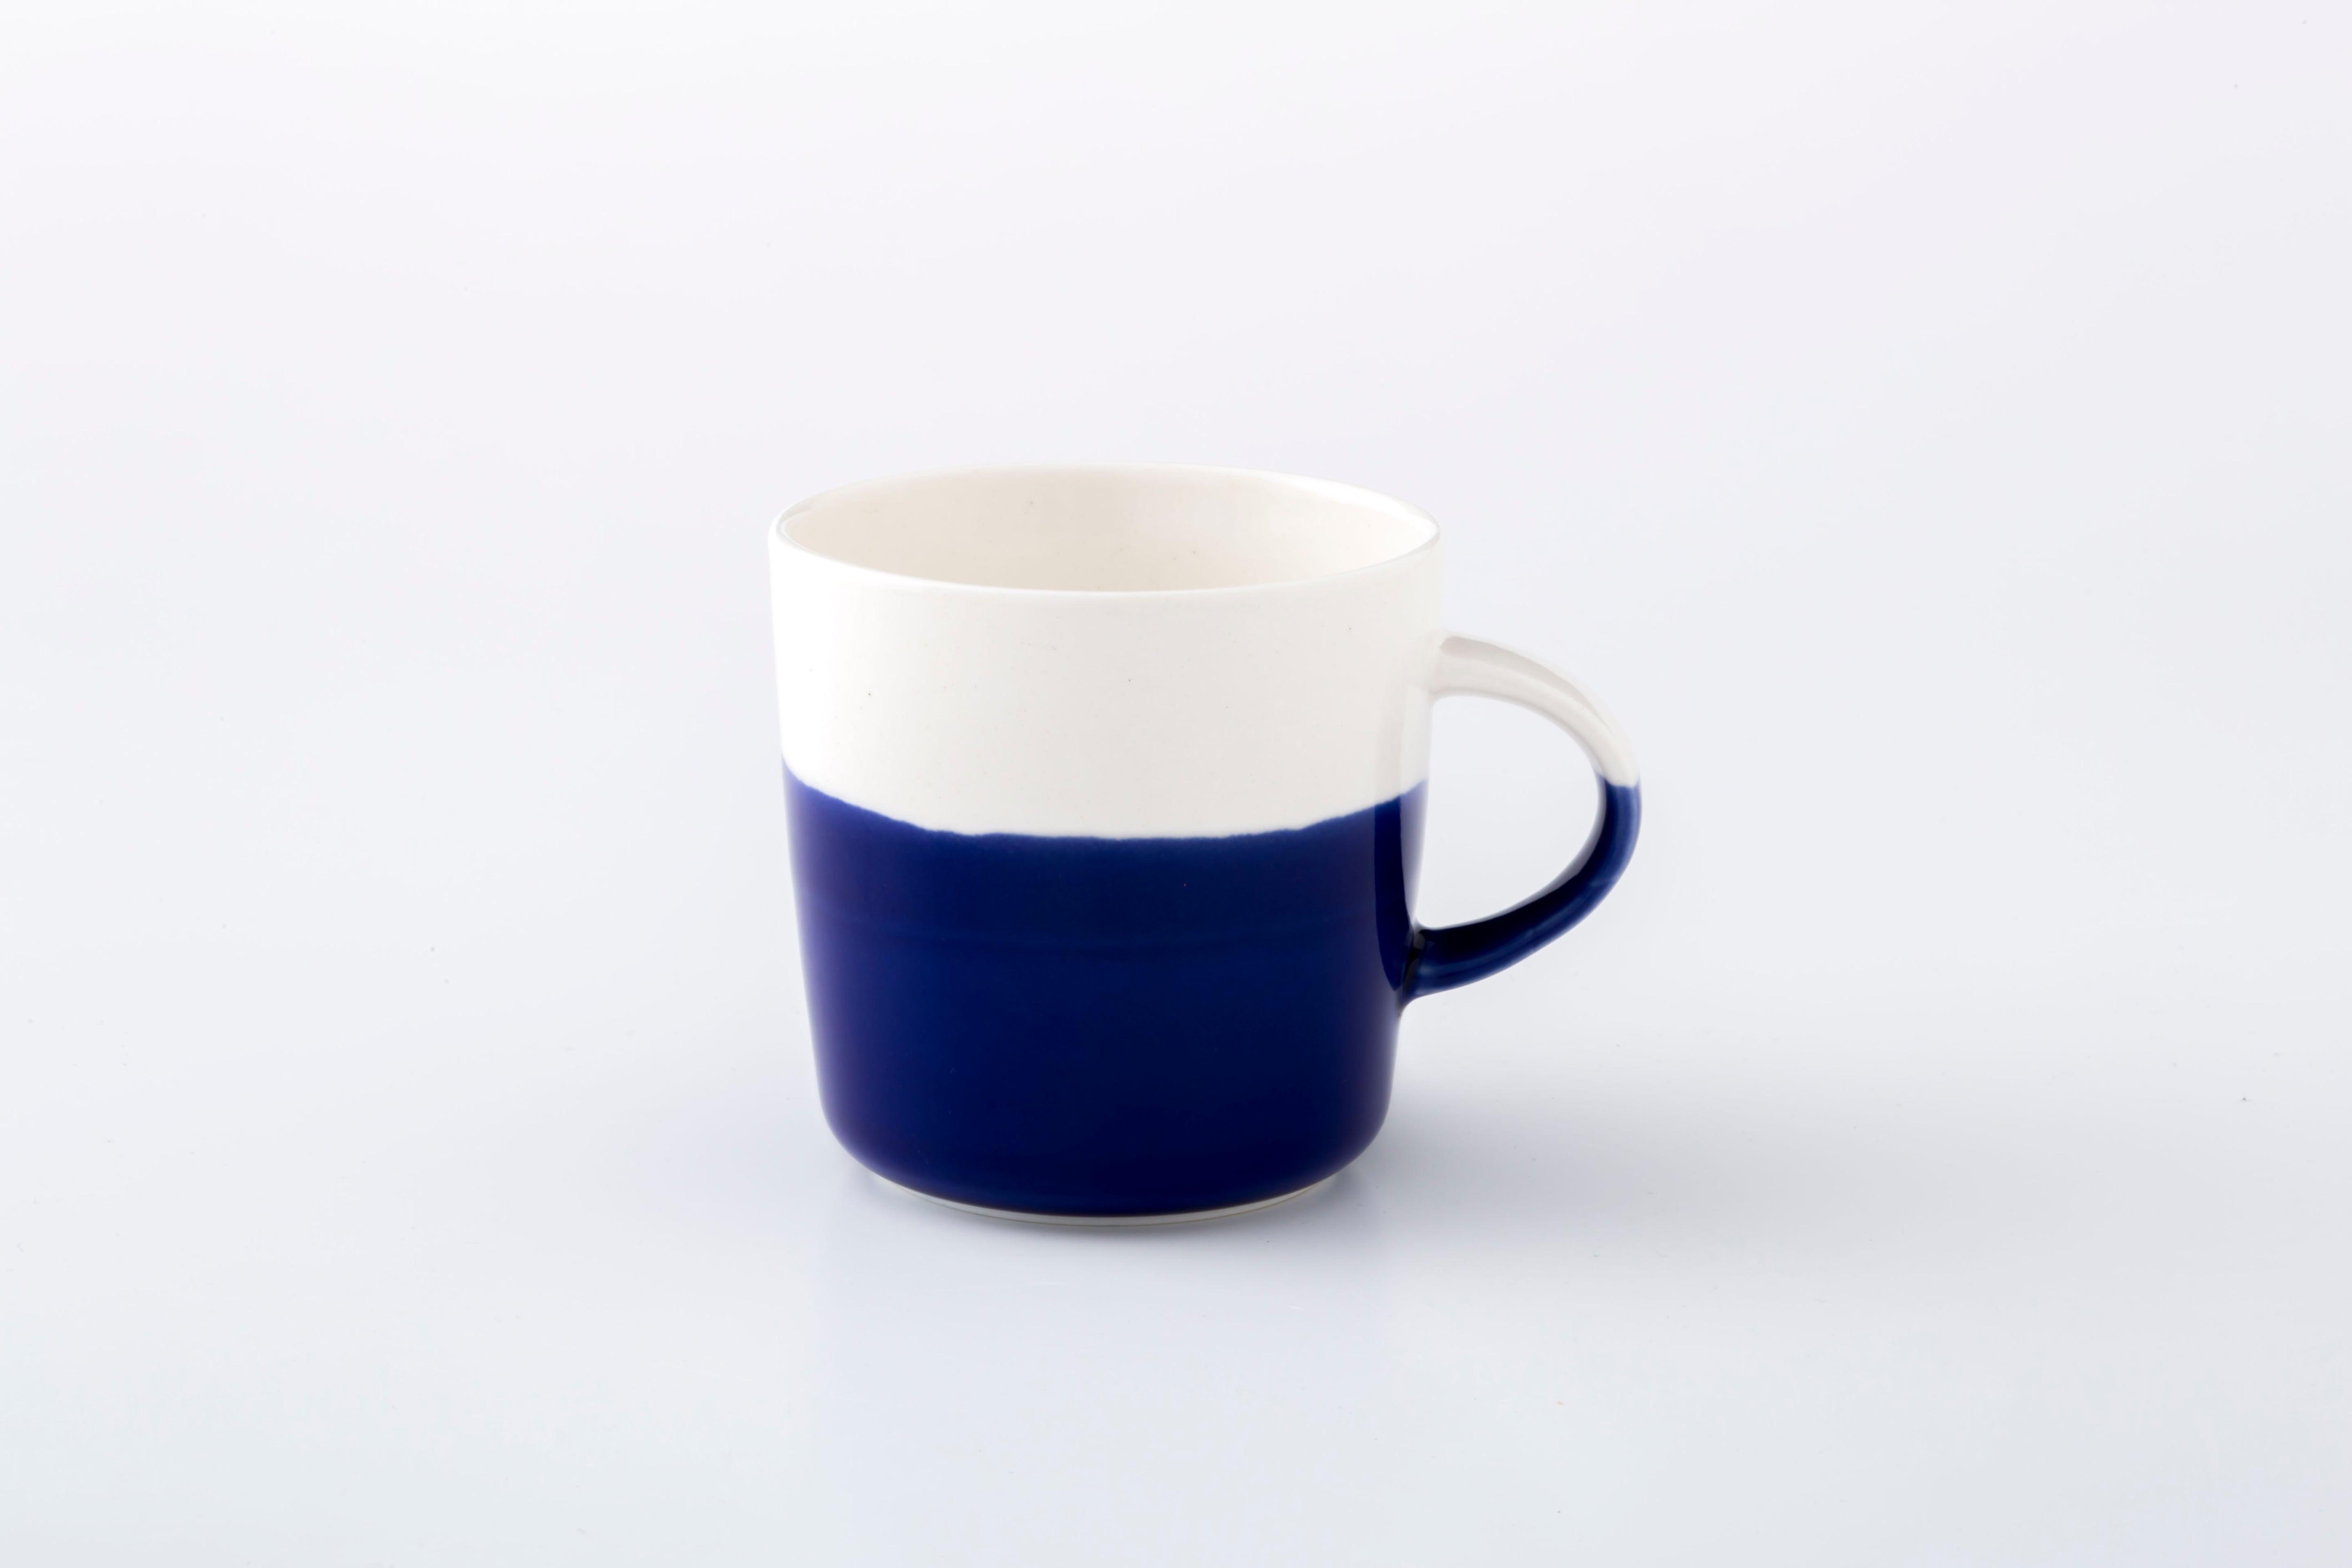 マグカップ:M (透明×ラピスラズリ) / 前野 達郎